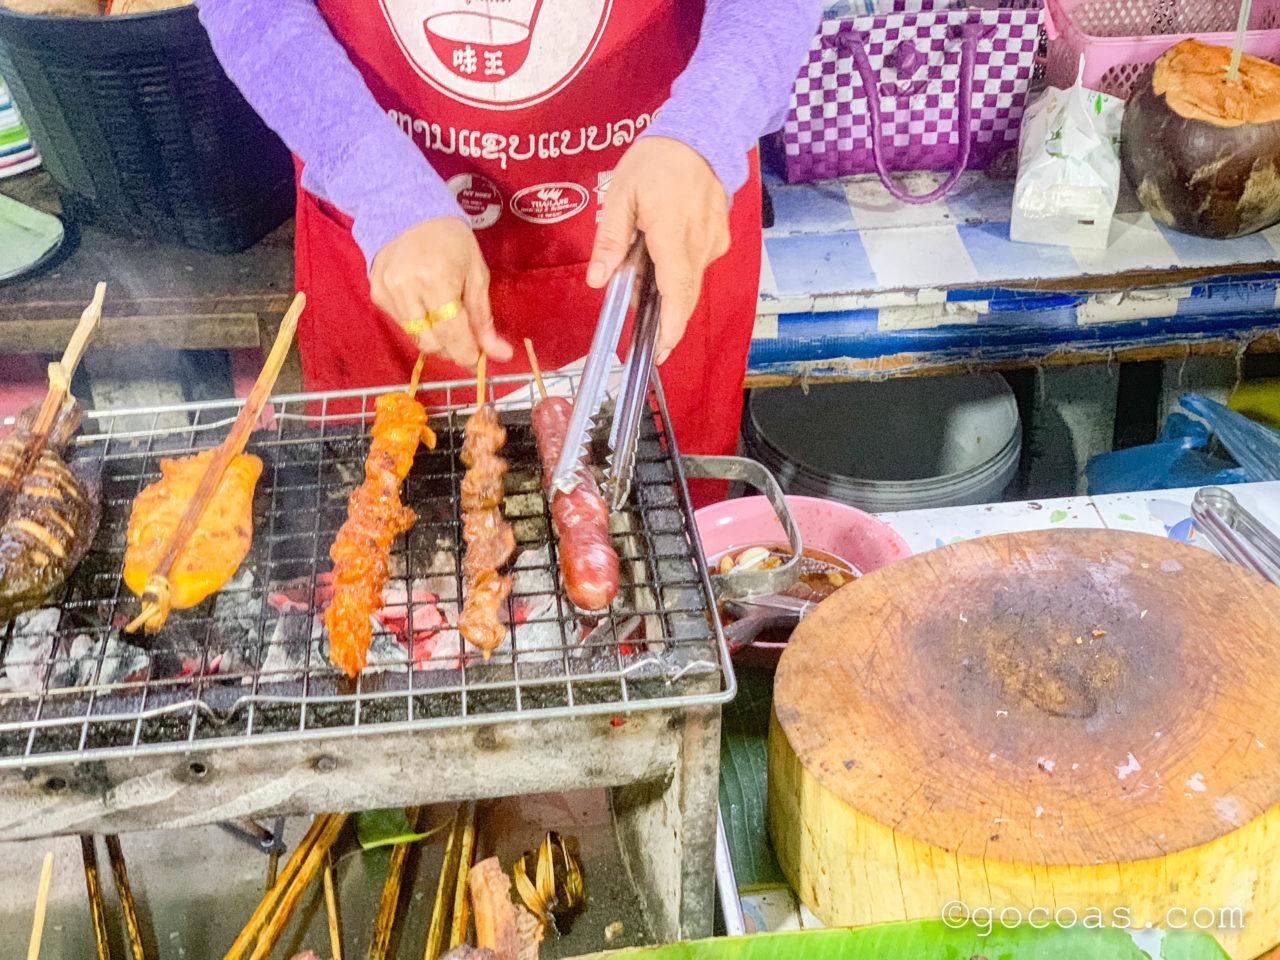 ルアンパバーンのナイトマーケットの飲食コーナーに並ぶ串焼きの屋台で注文した串を焼いてもらっているところ